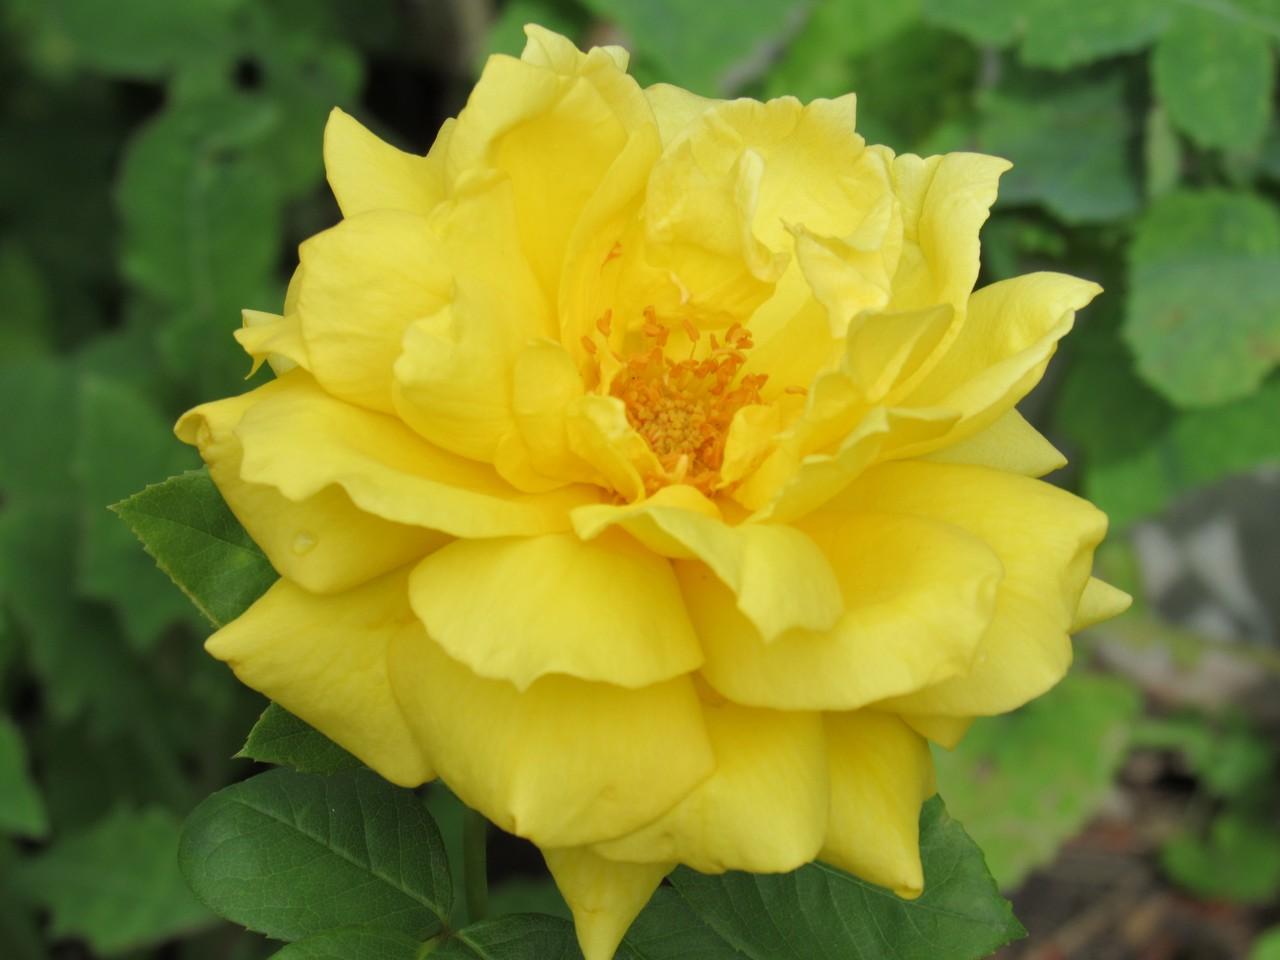 rose_img_6403-1280